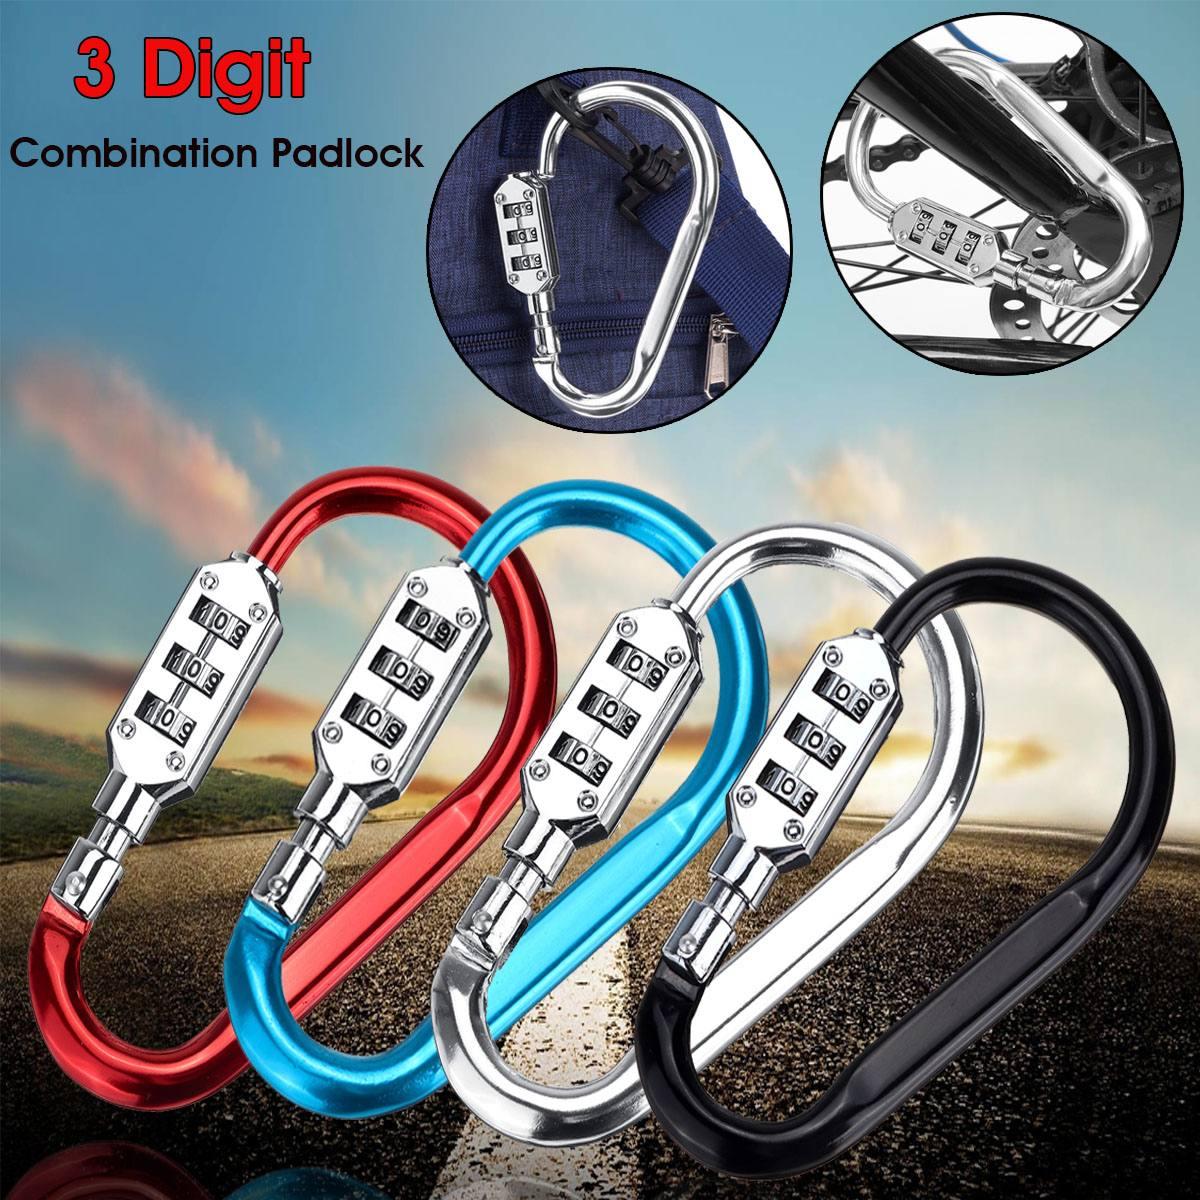 3 Digit Combination Lock Travel Luggage Suitcase Code Padlock Motorcycle Bicycle Helmet Security Locks